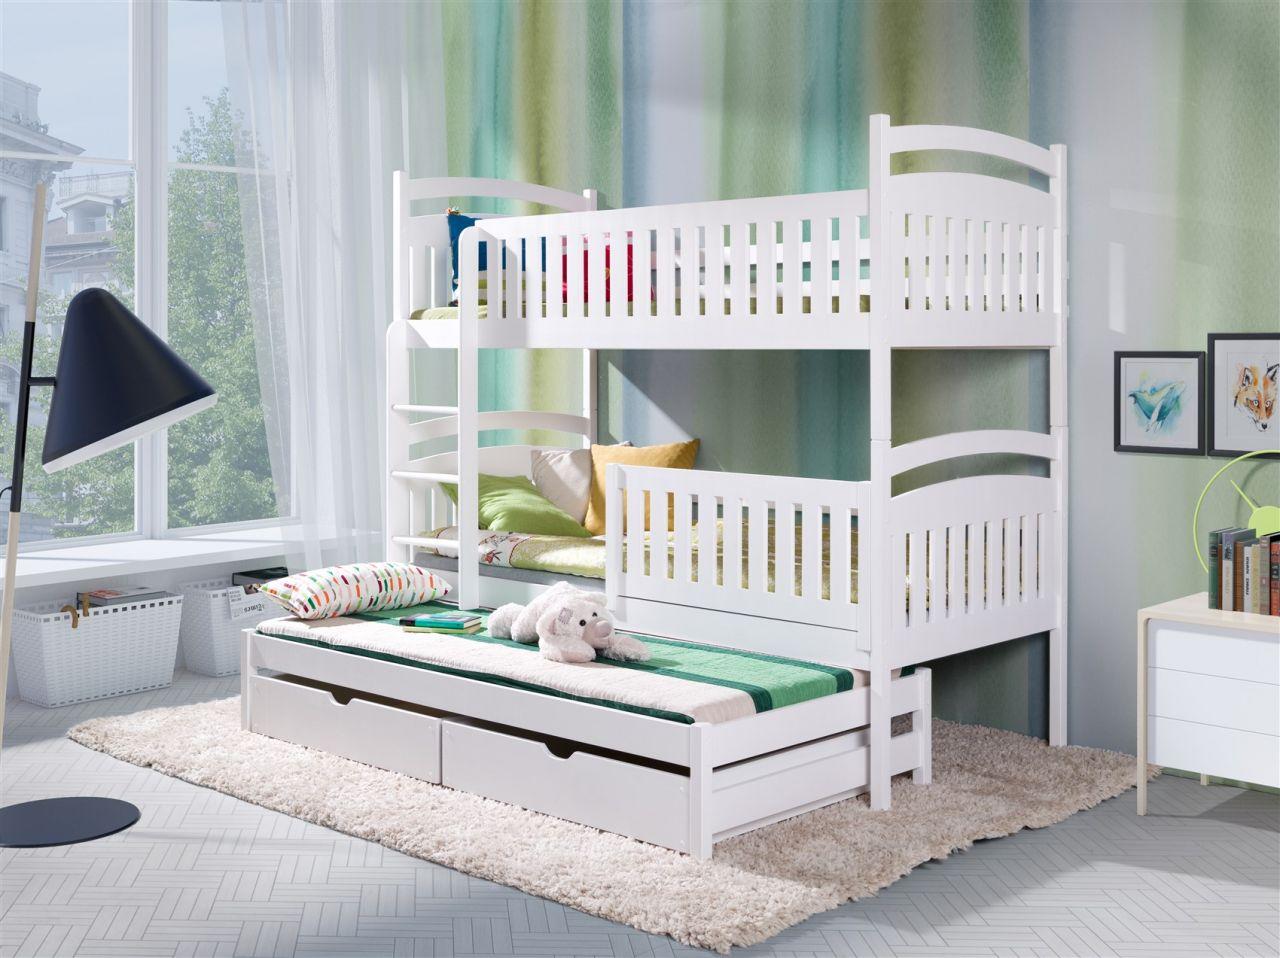 Fun Möbel 'Keiko' Etagenbett inkl. 3 Rollroste und 1 Gästebett, natur Bild 1